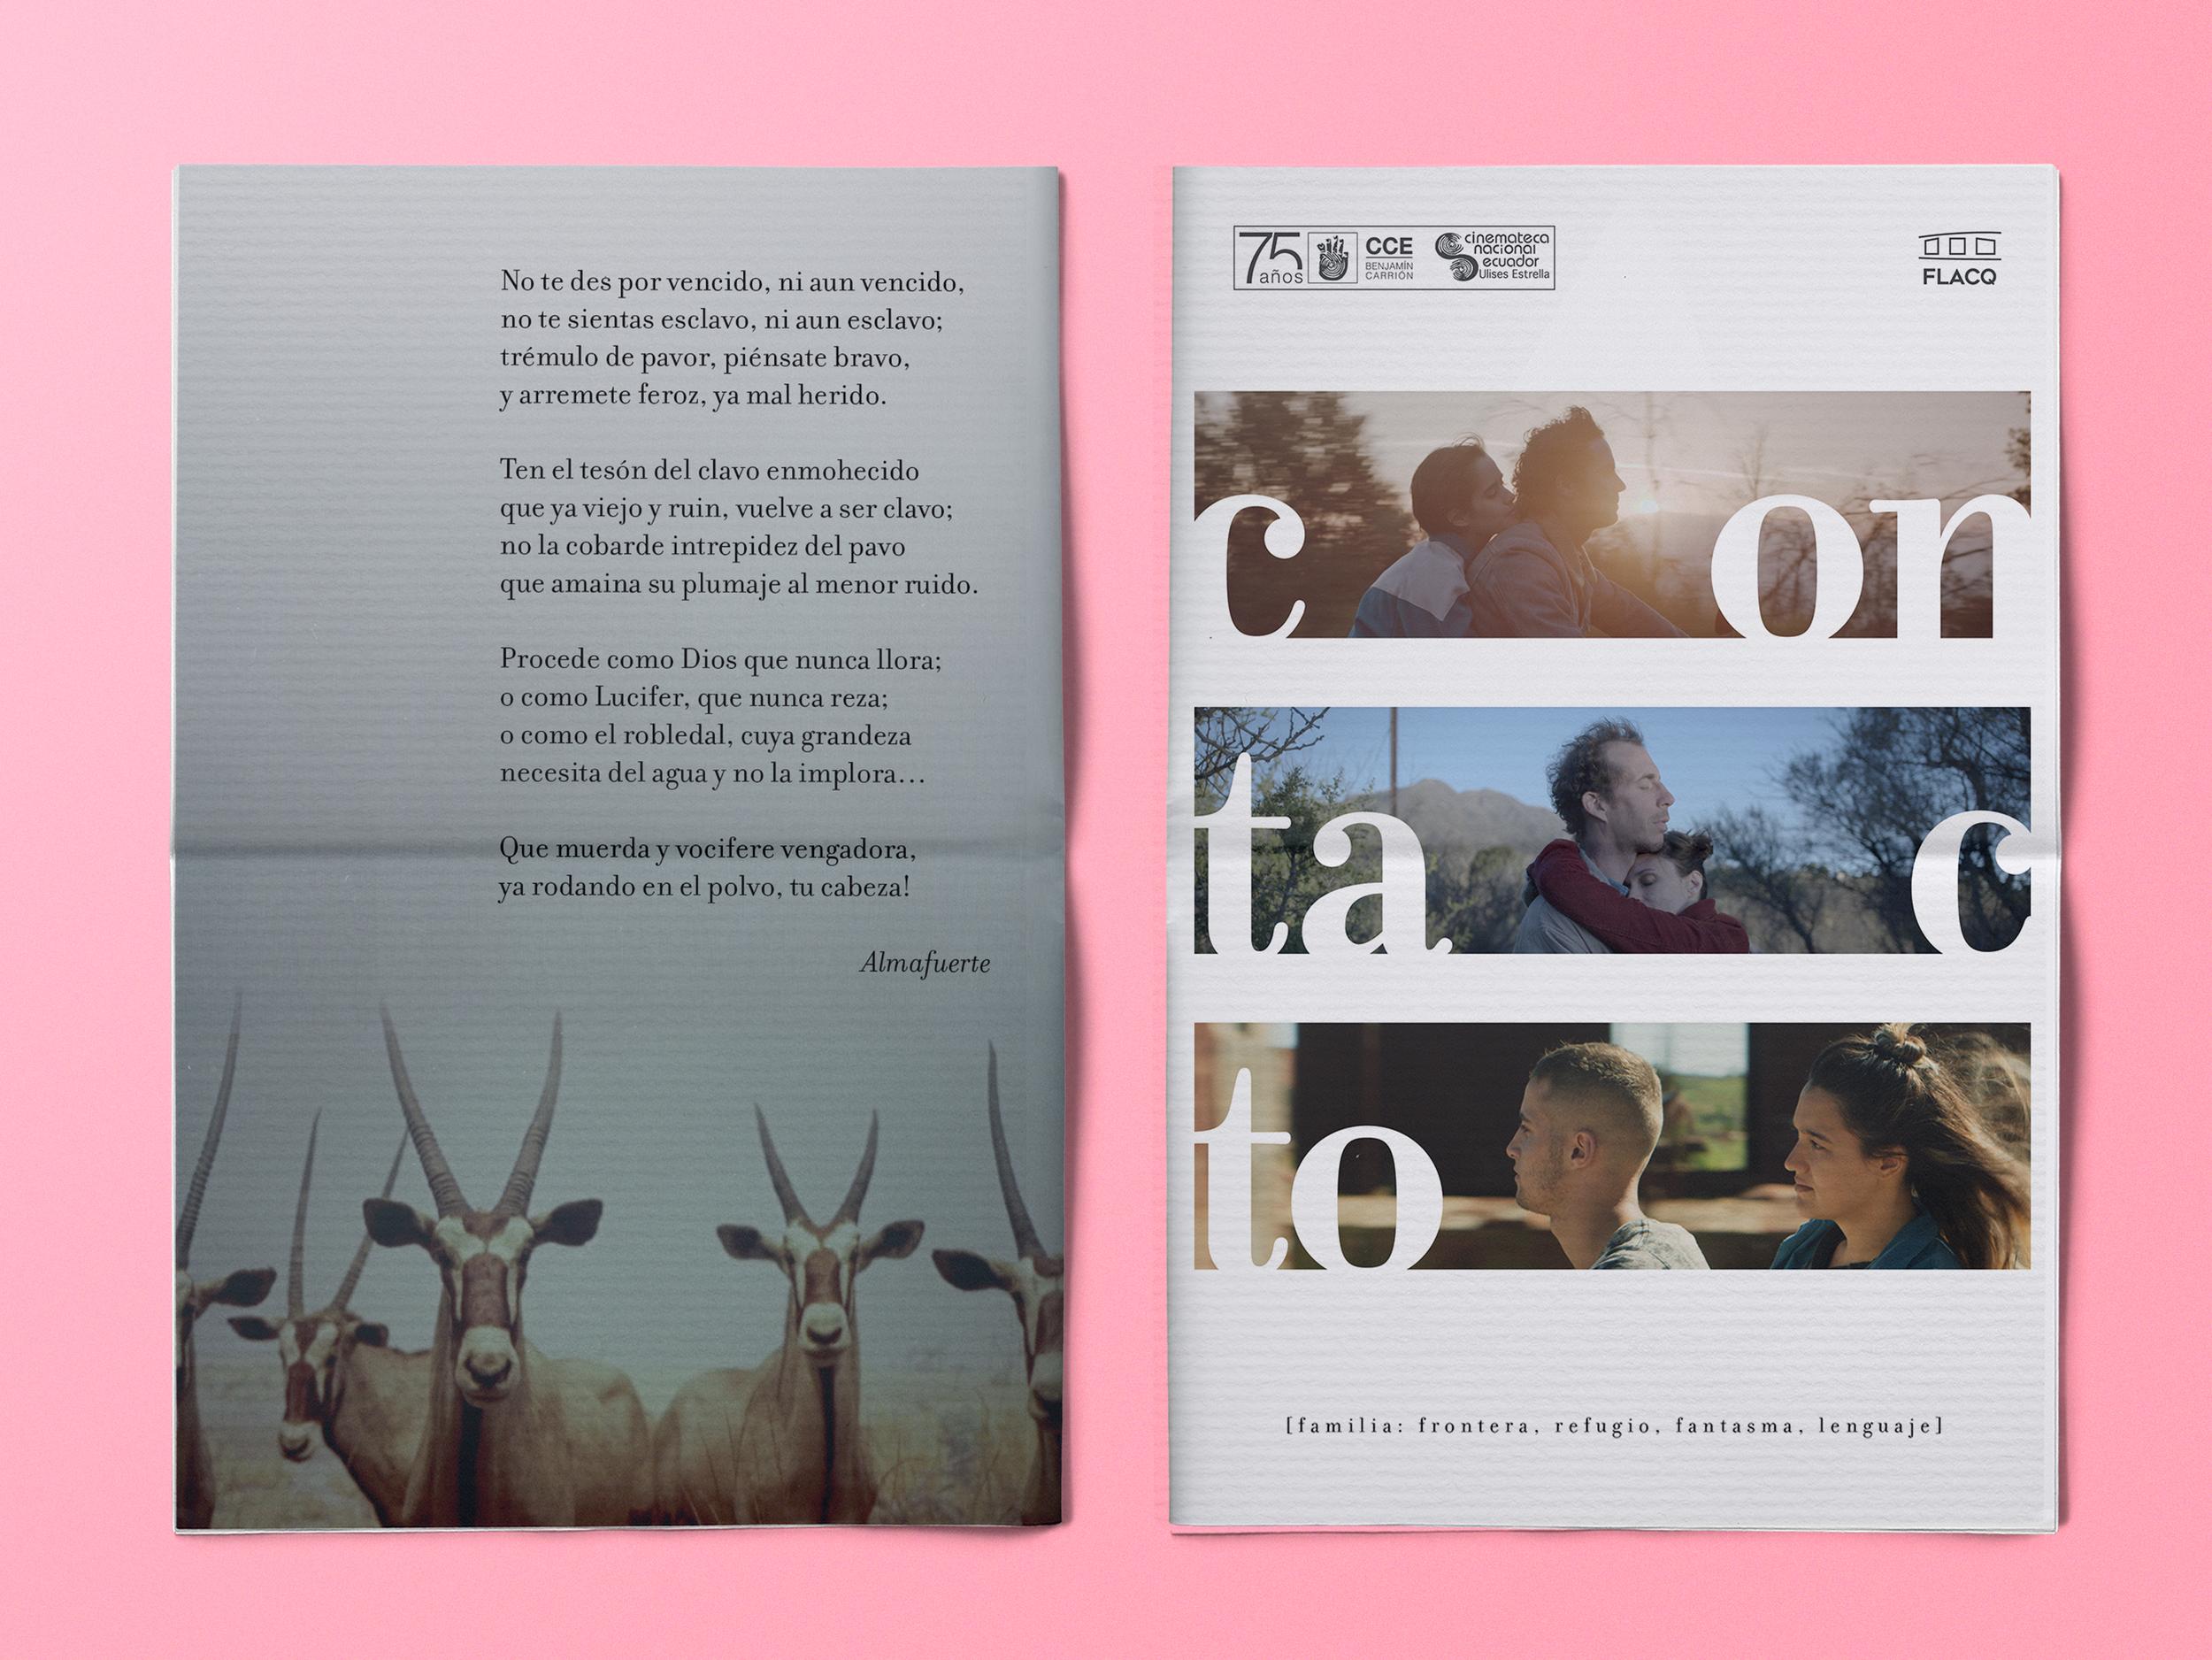 REVISTA FLACQ - Accede al contenido completo de la revista.